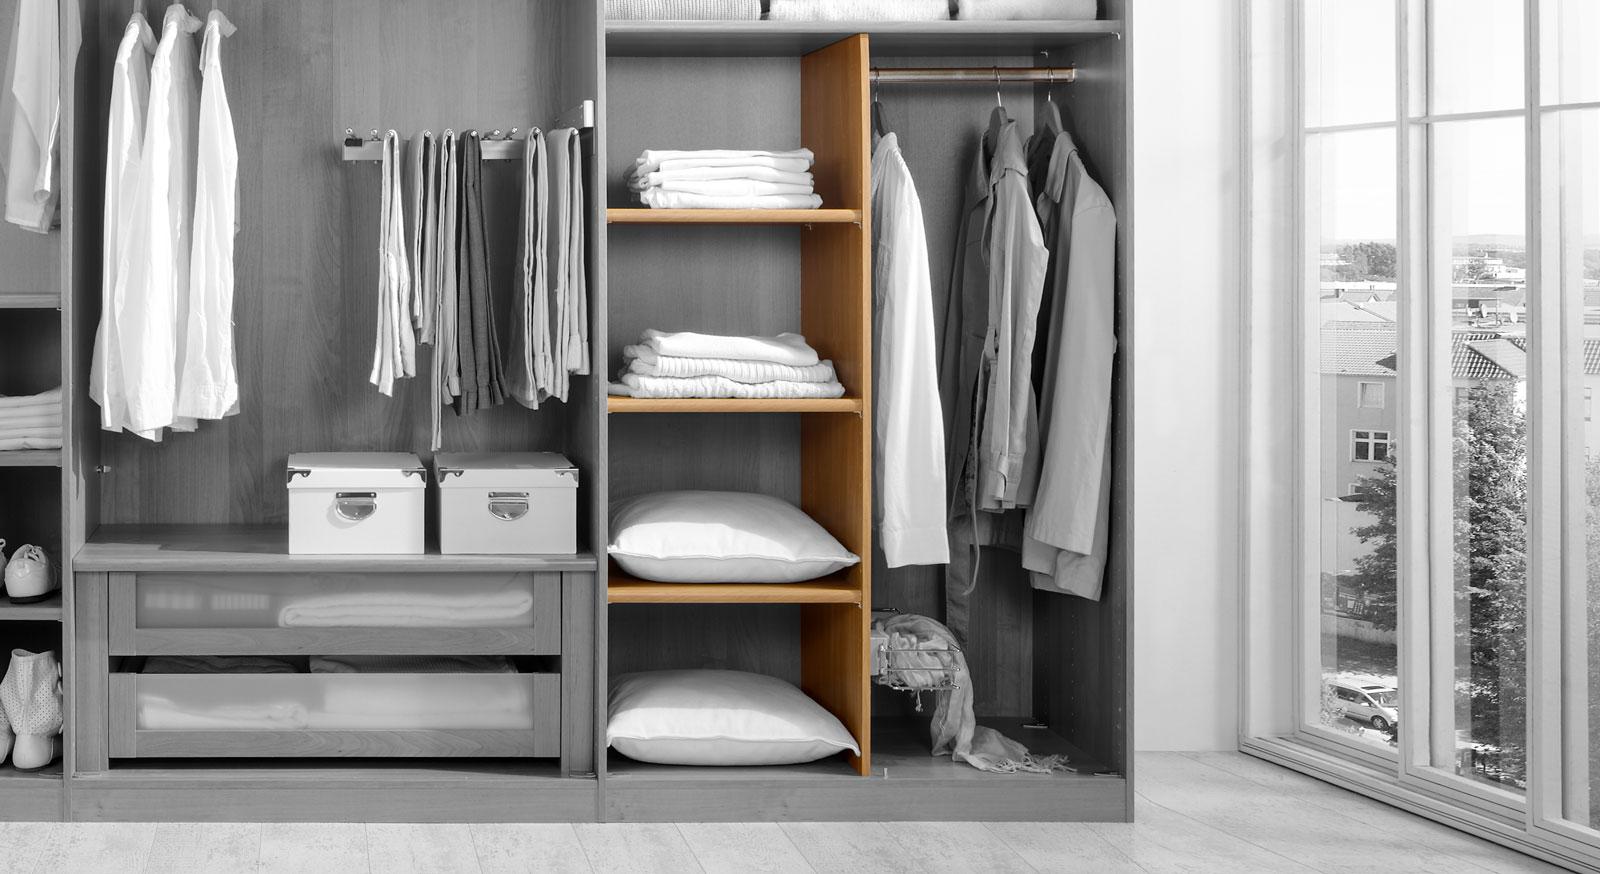 Innenausstattung für Kleiderschränke mit Einlegeböden und Kleiderstange